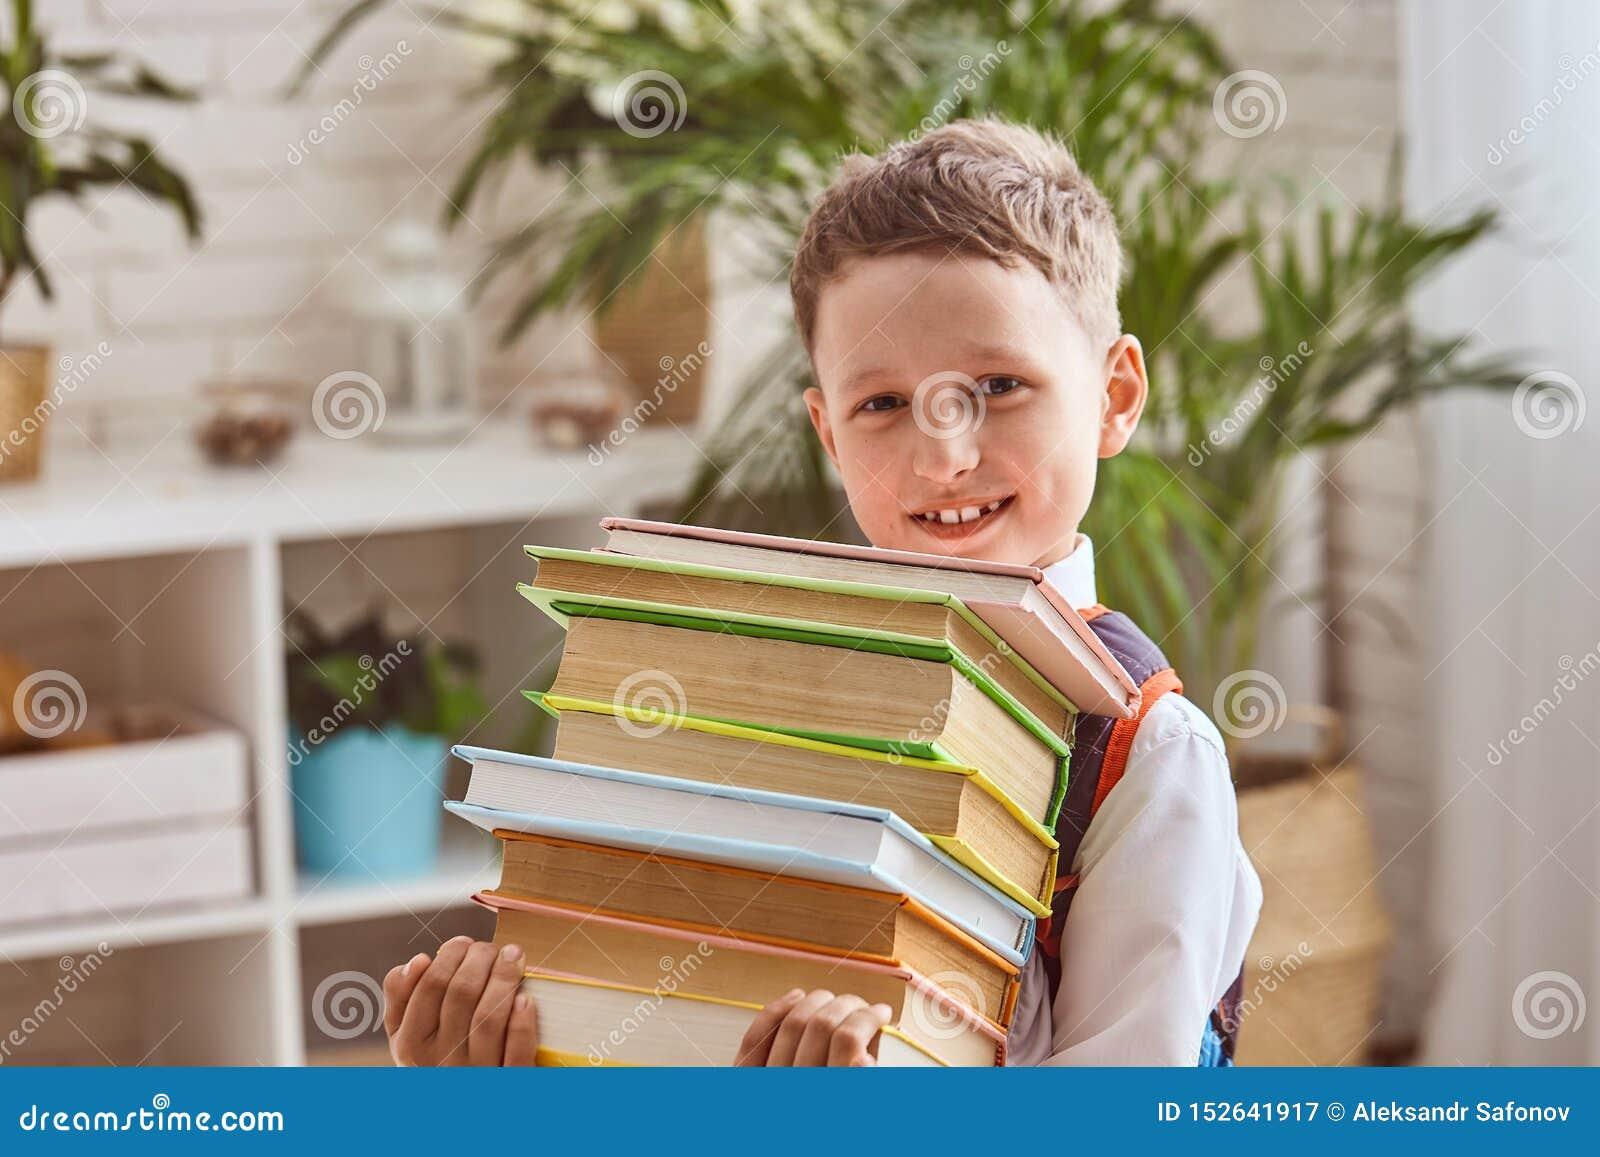 Ребенок держит стог учебников